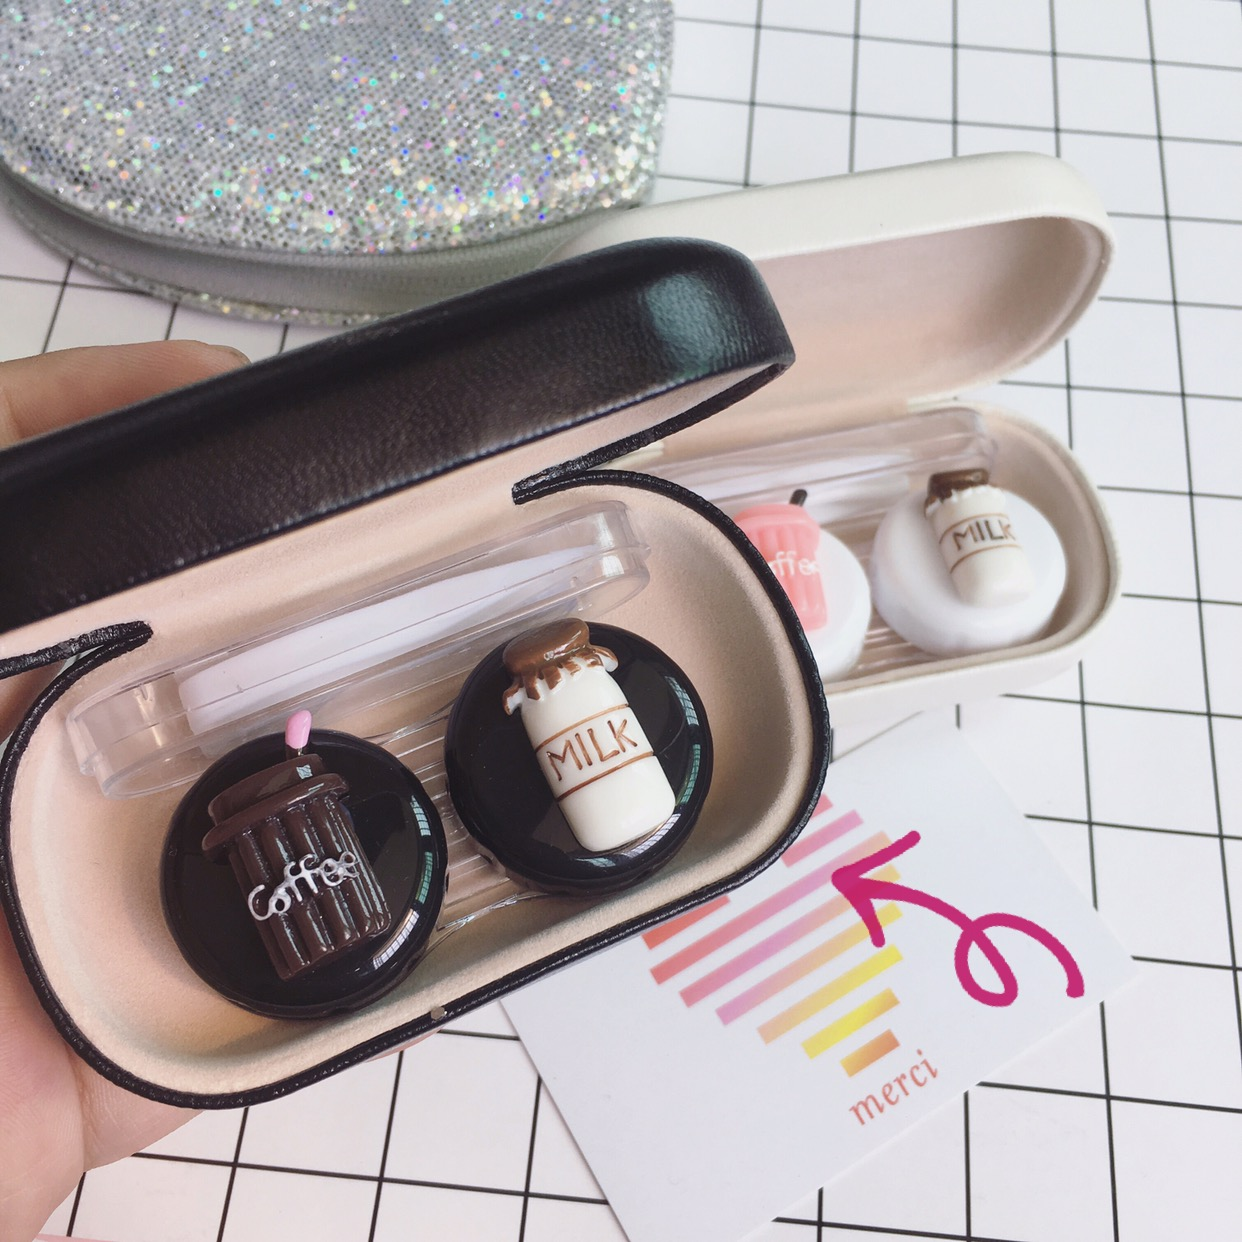 限3000张券一副装牛奶咖啡双联盒皮质眼镜盒近视隐形眼镜美瞳盒方便便携装